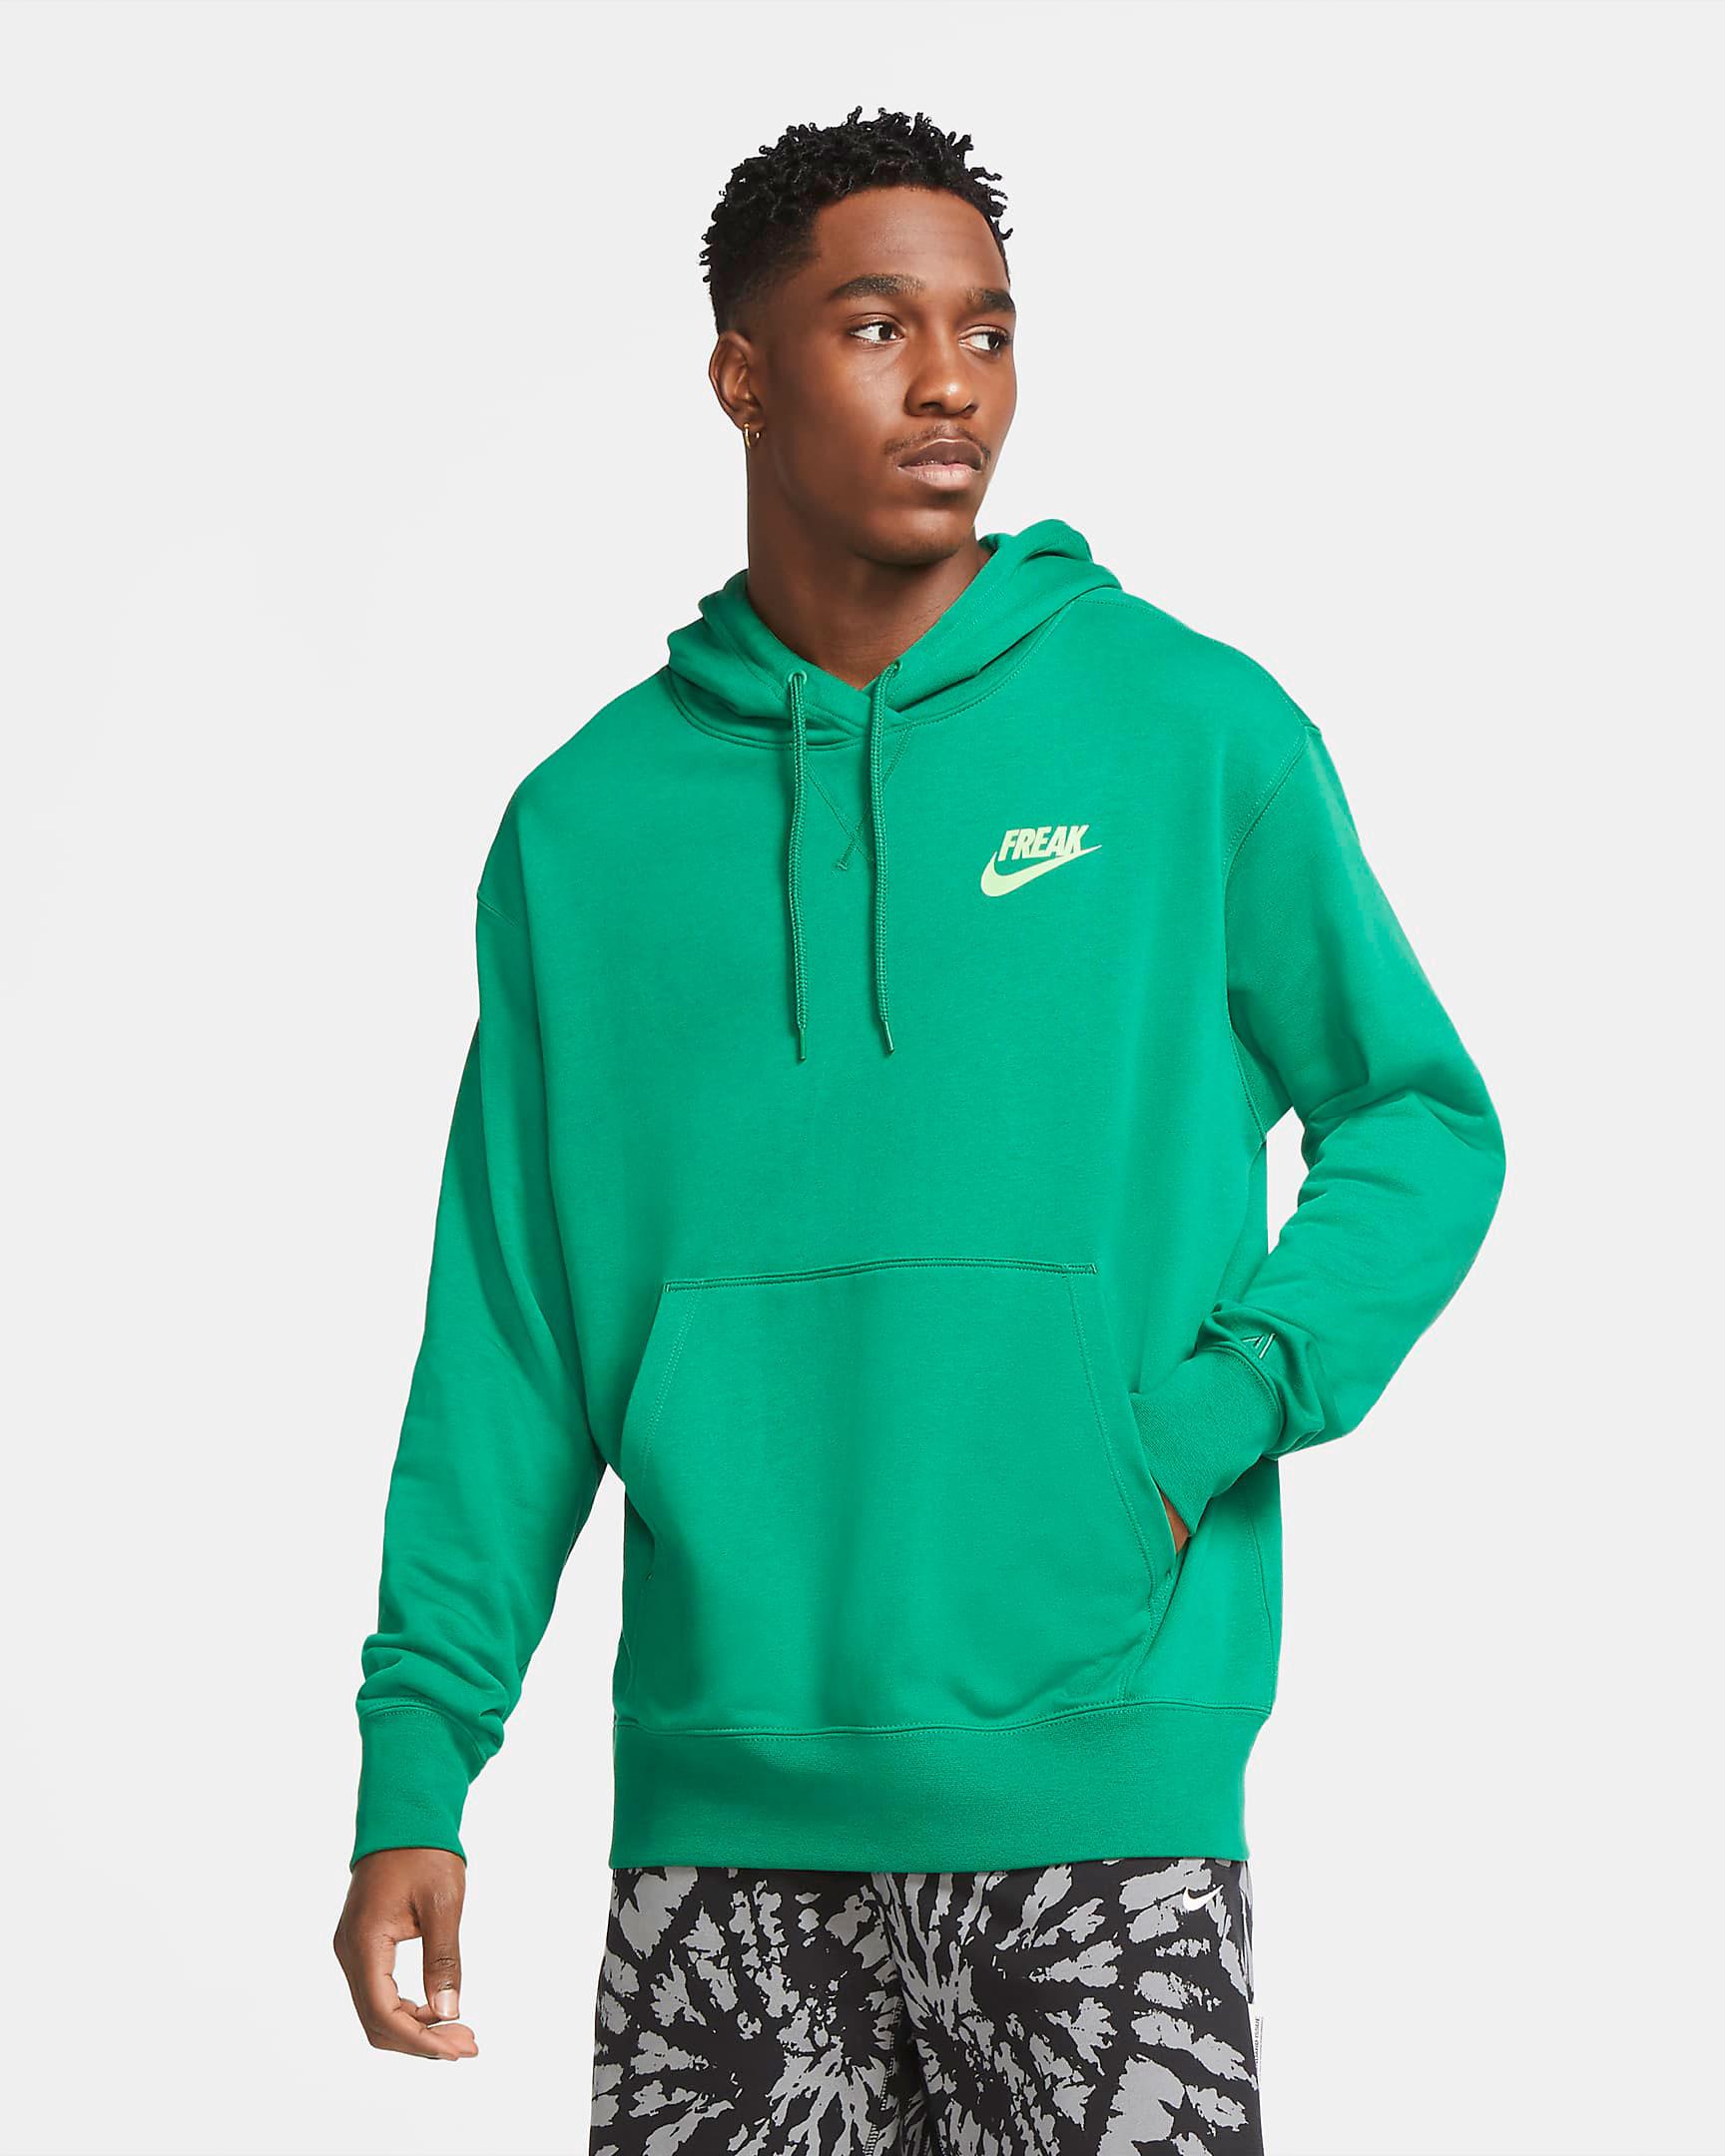 nike-zoom-freak-2-naija-green-hoodie-1